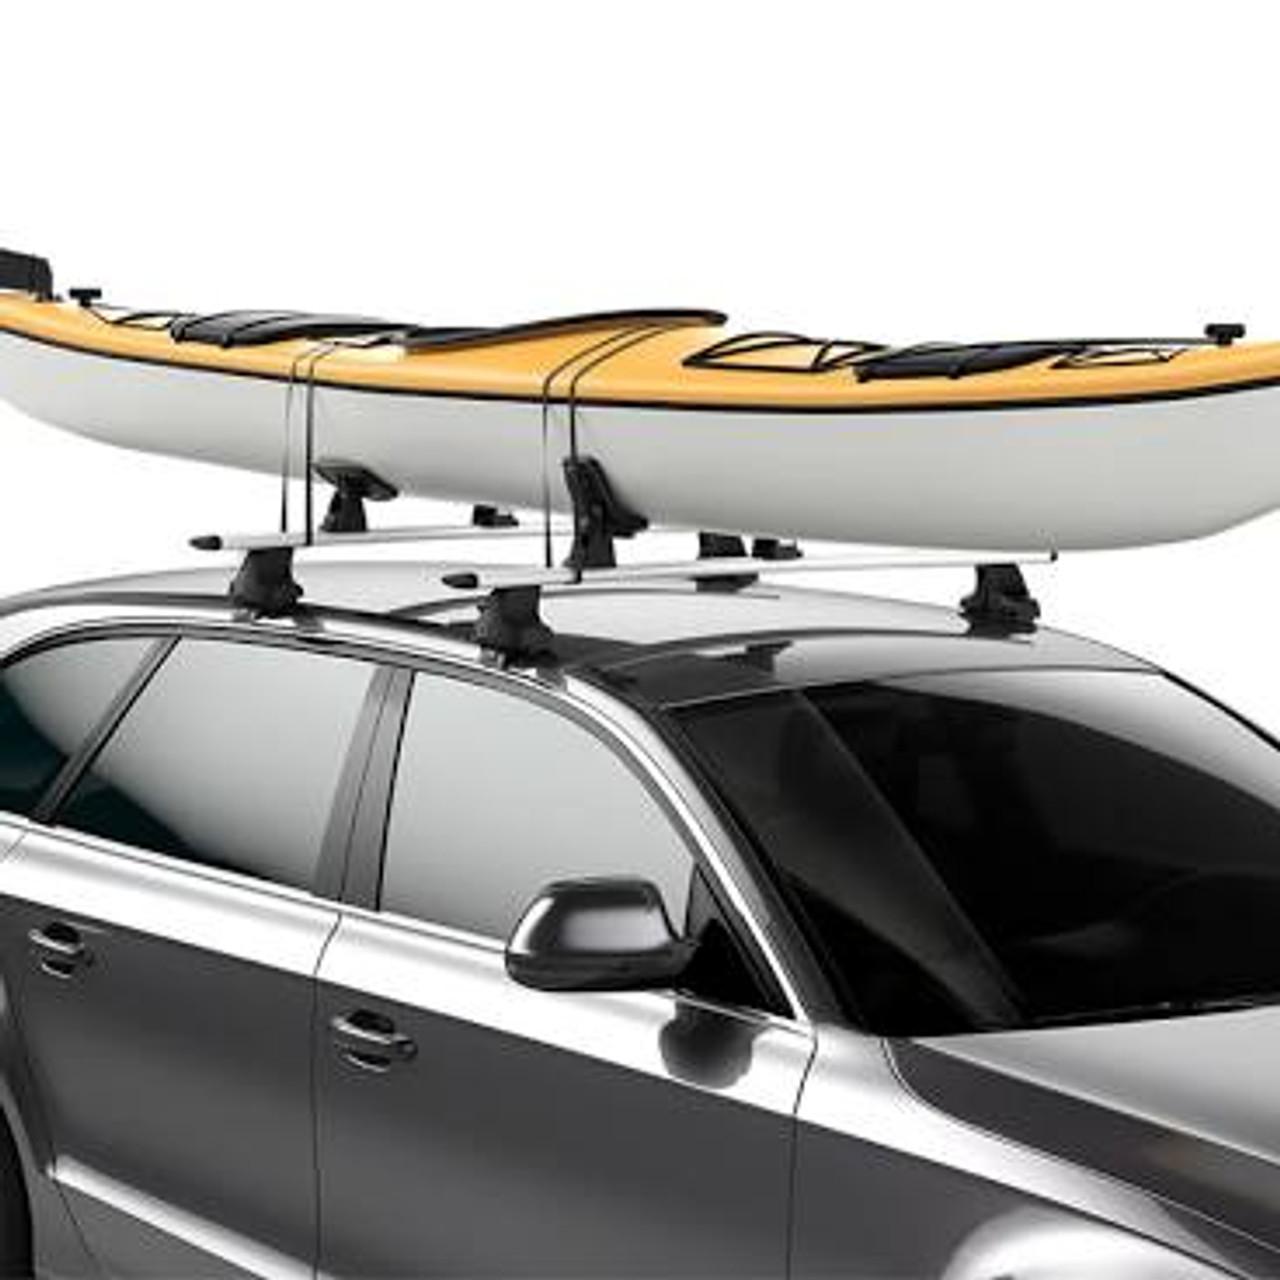 DockGlide Kayak Carrier